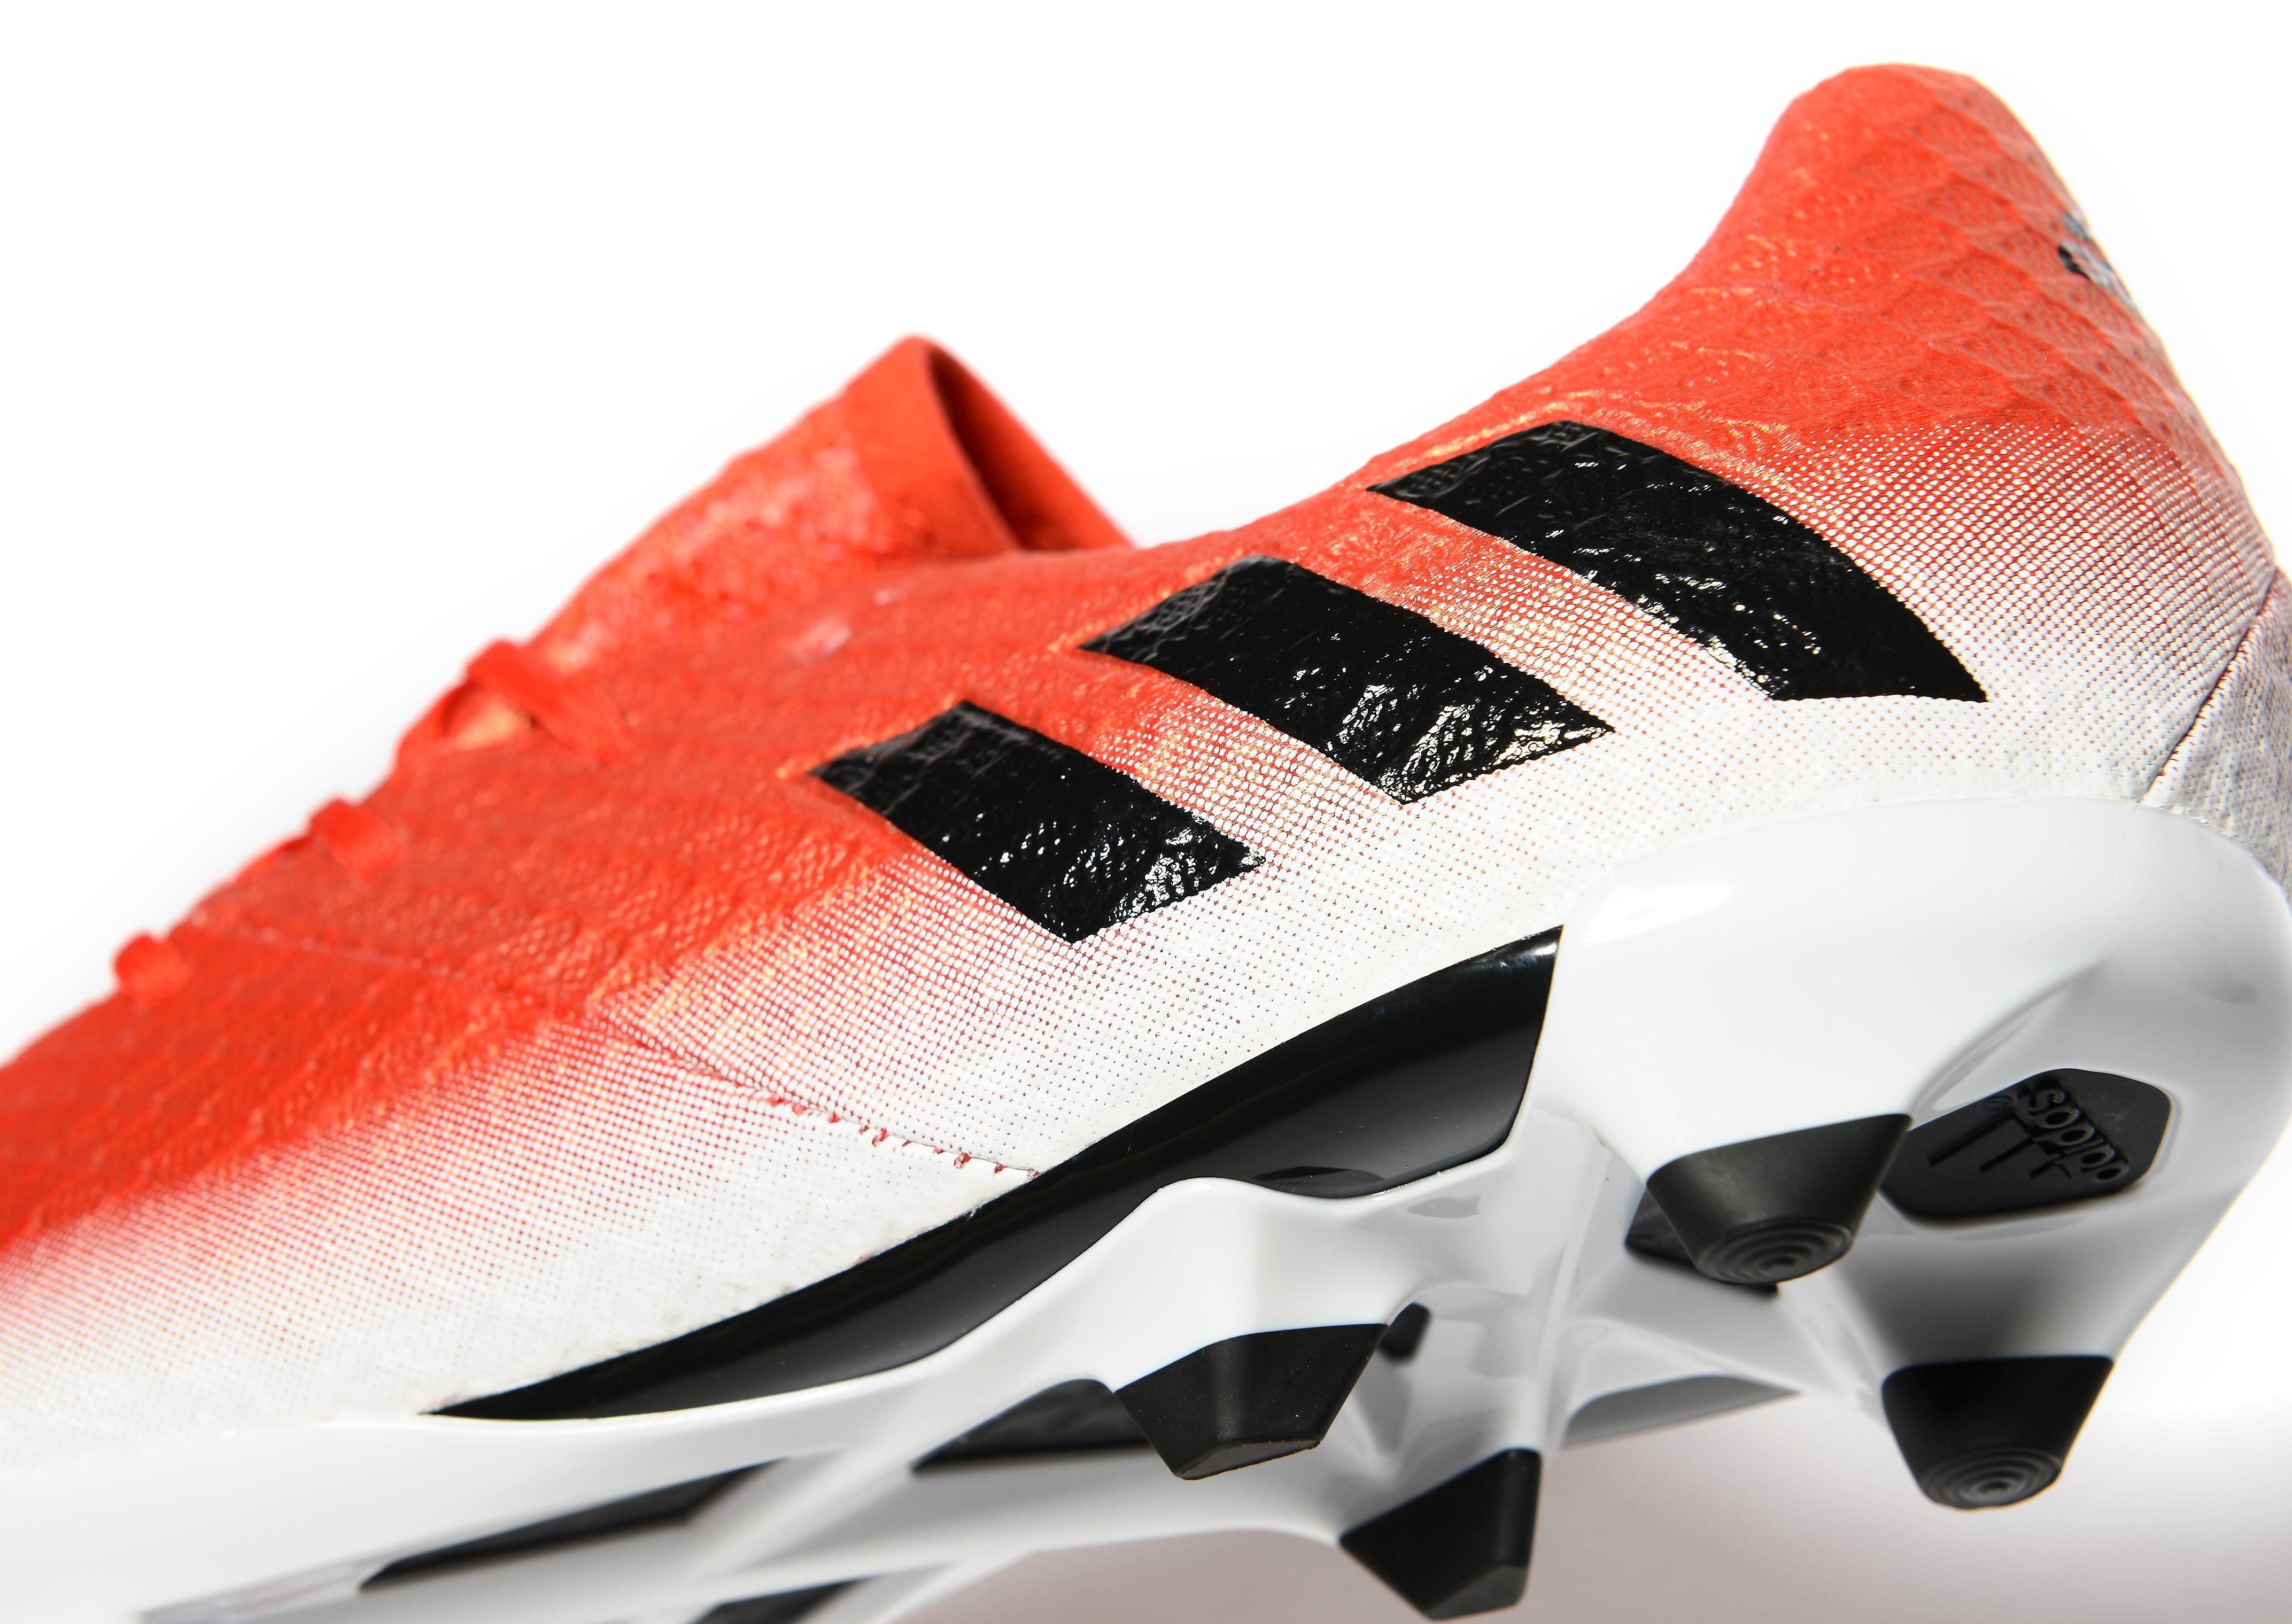 adidas Red Limit Messi 16.1 FG-voetbalschoen voor tieners